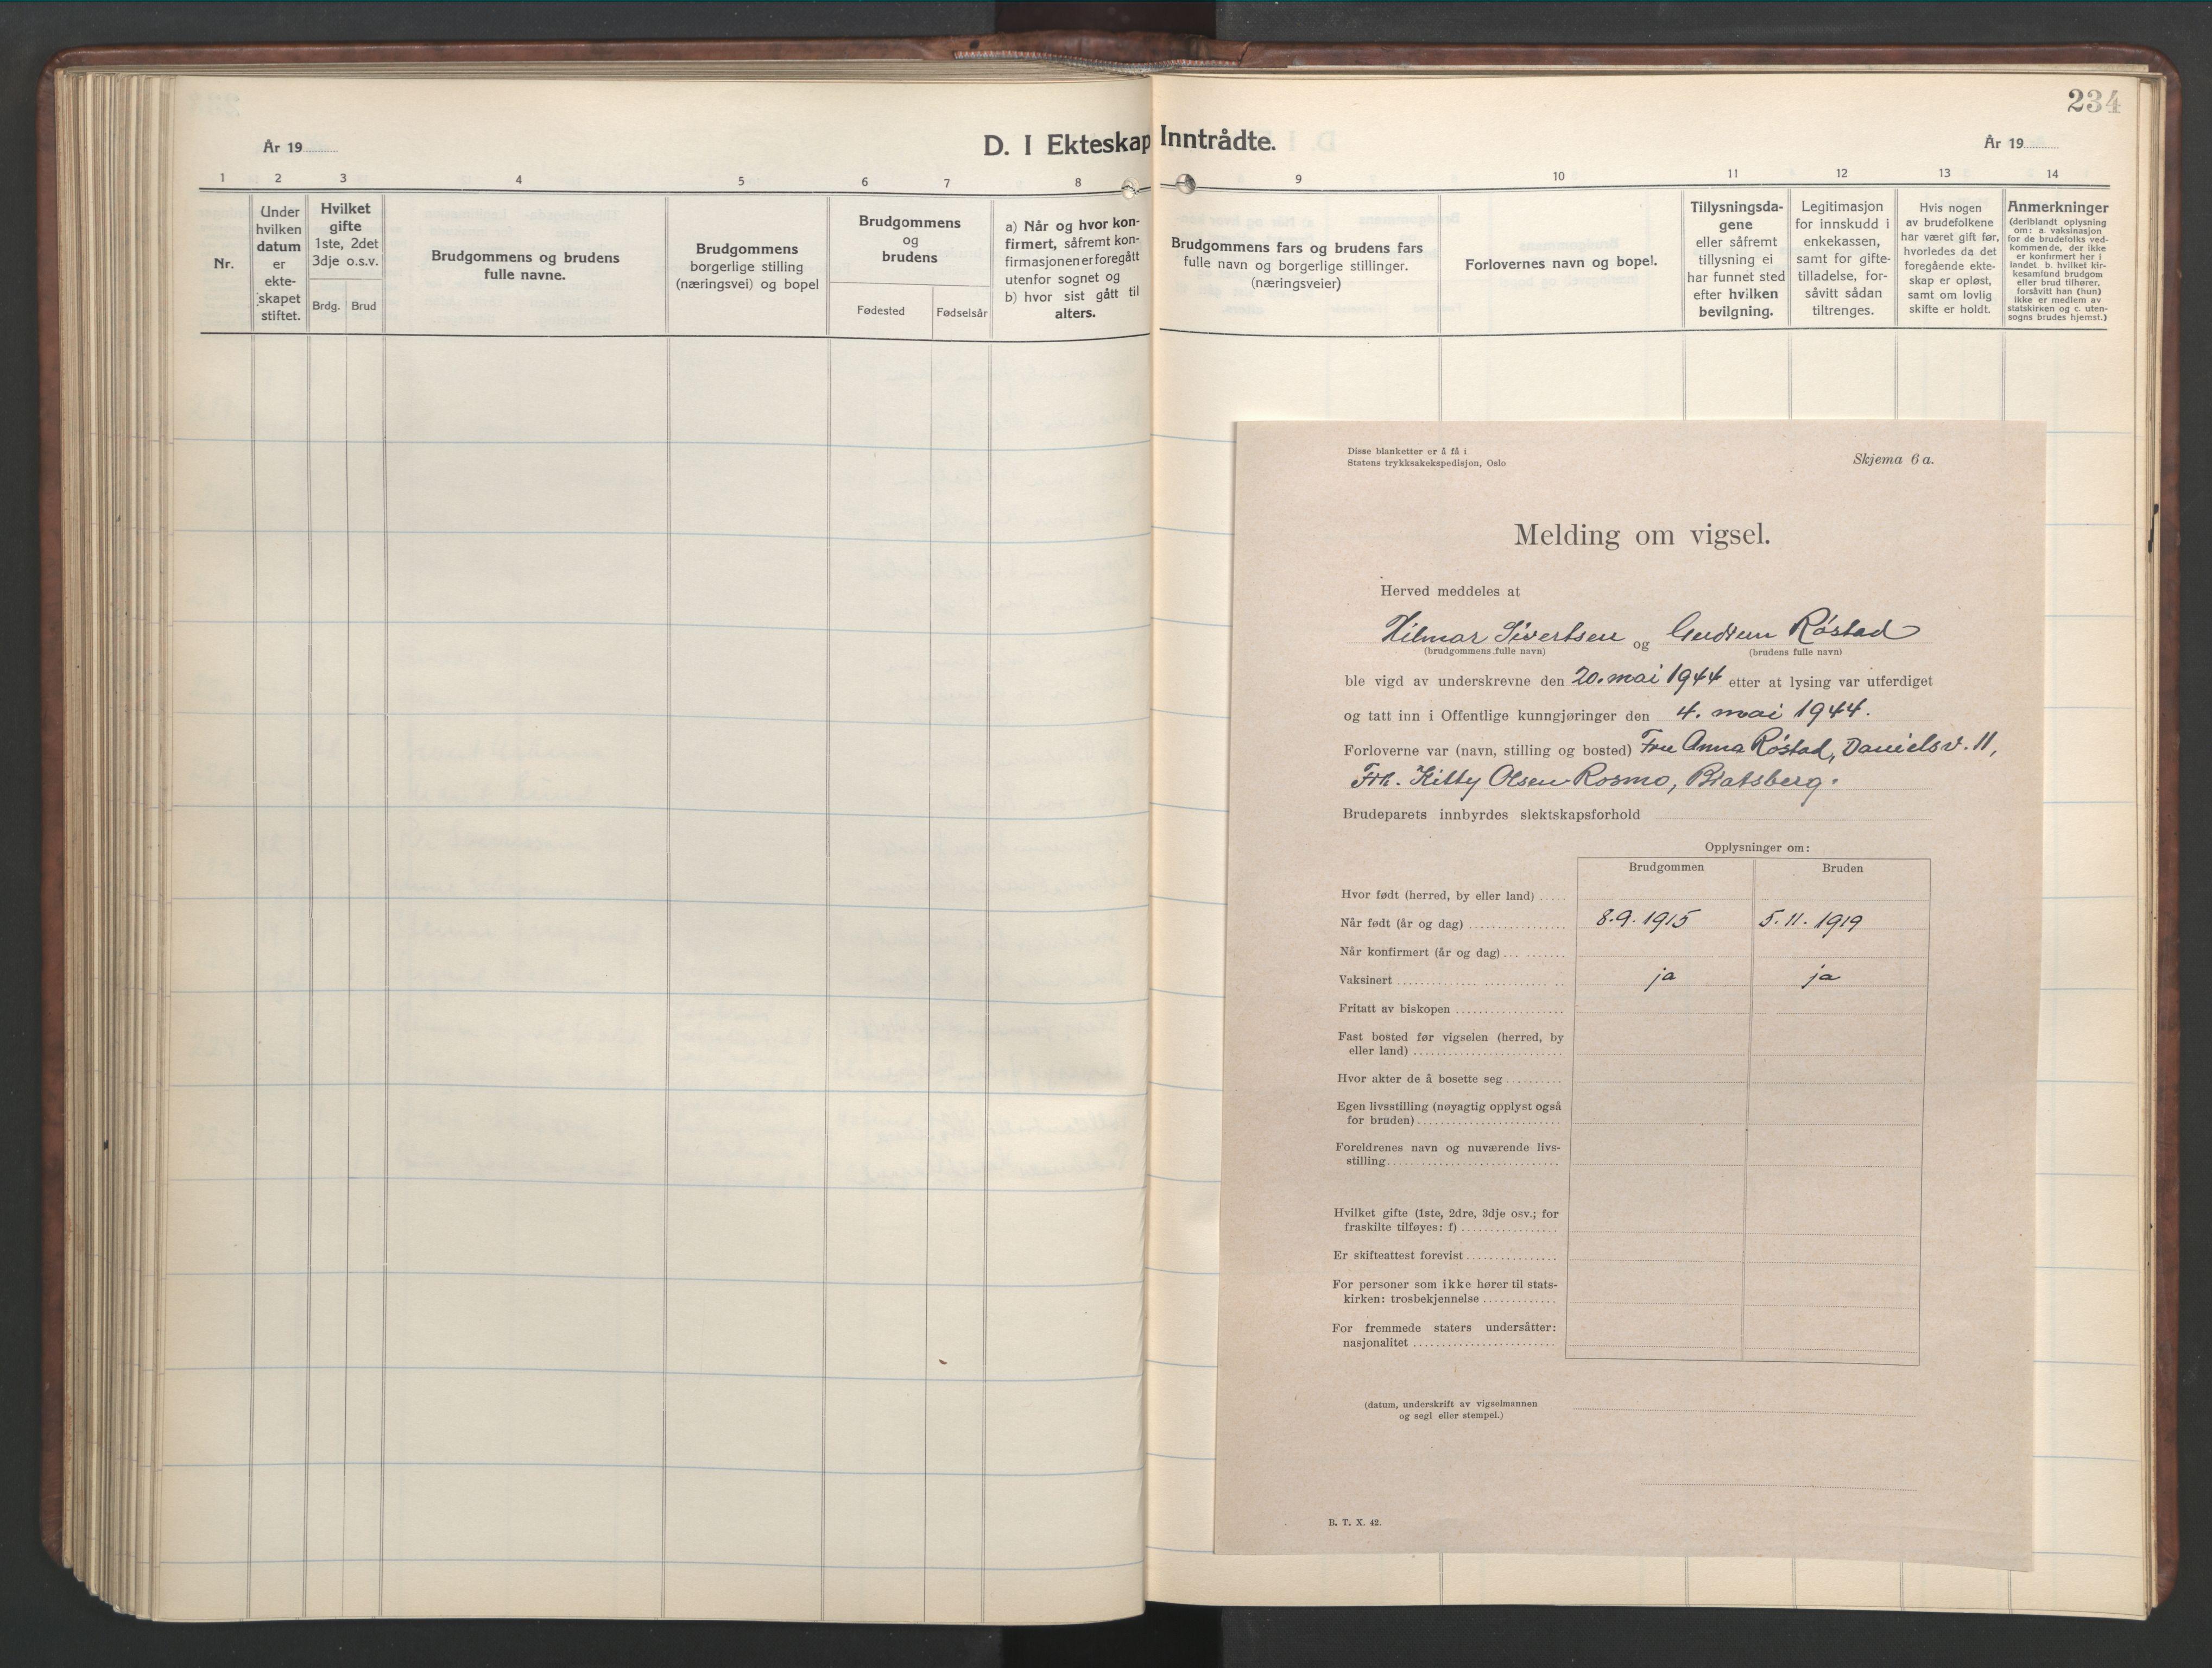 SAT, Ministerialprotokoller, klokkerbøker og fødselsregistre - Sør-Trøndelag, 601/L0101: Klokkerbok nr. 601C19, 1935-1946, s. 234